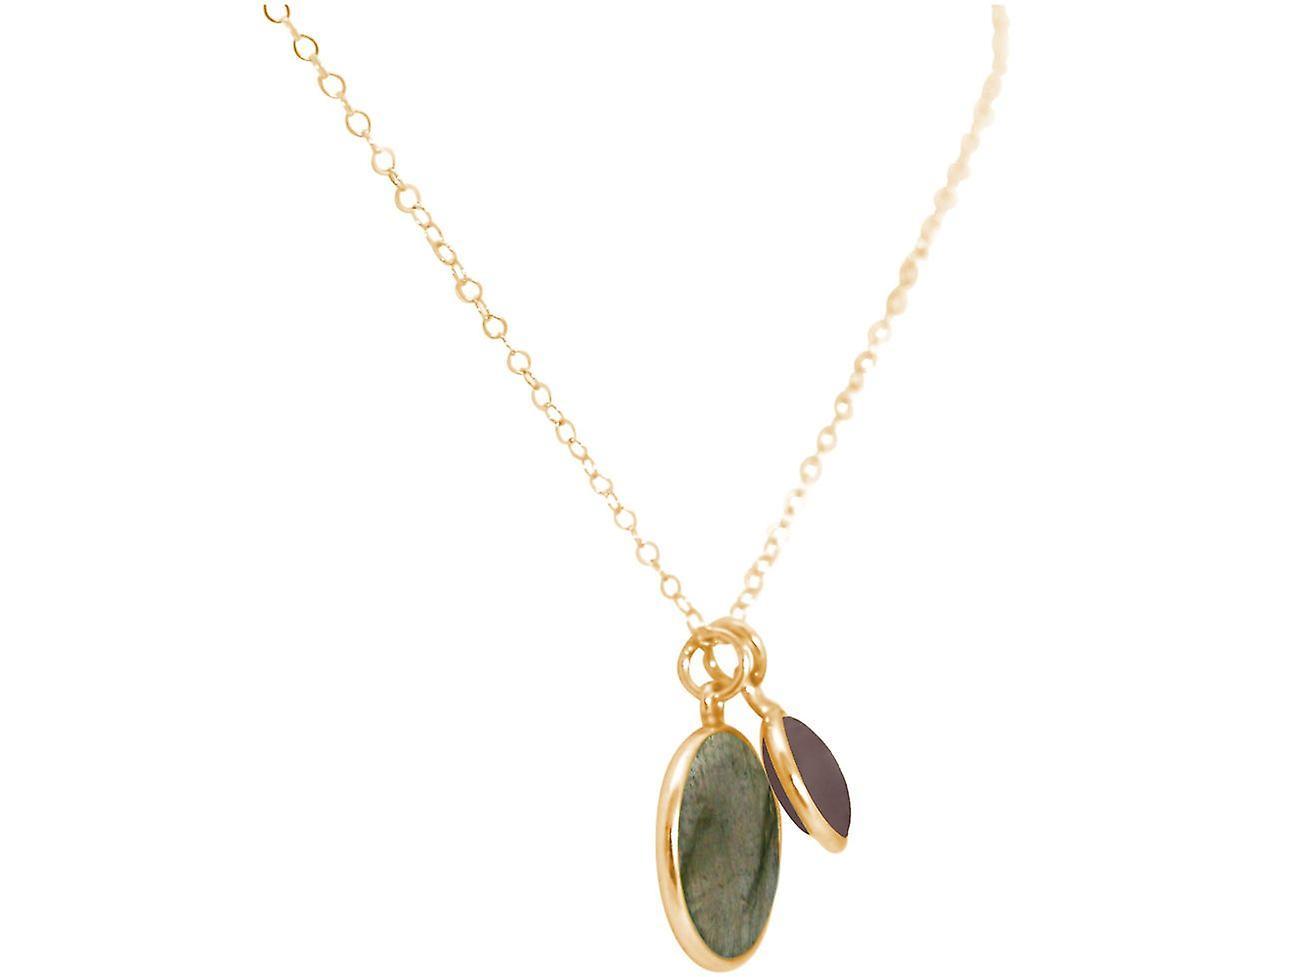 GEMSHINE Kette Labradorit, Rauchquarz Edelsteine 925 Silber, vergoldet oder rose